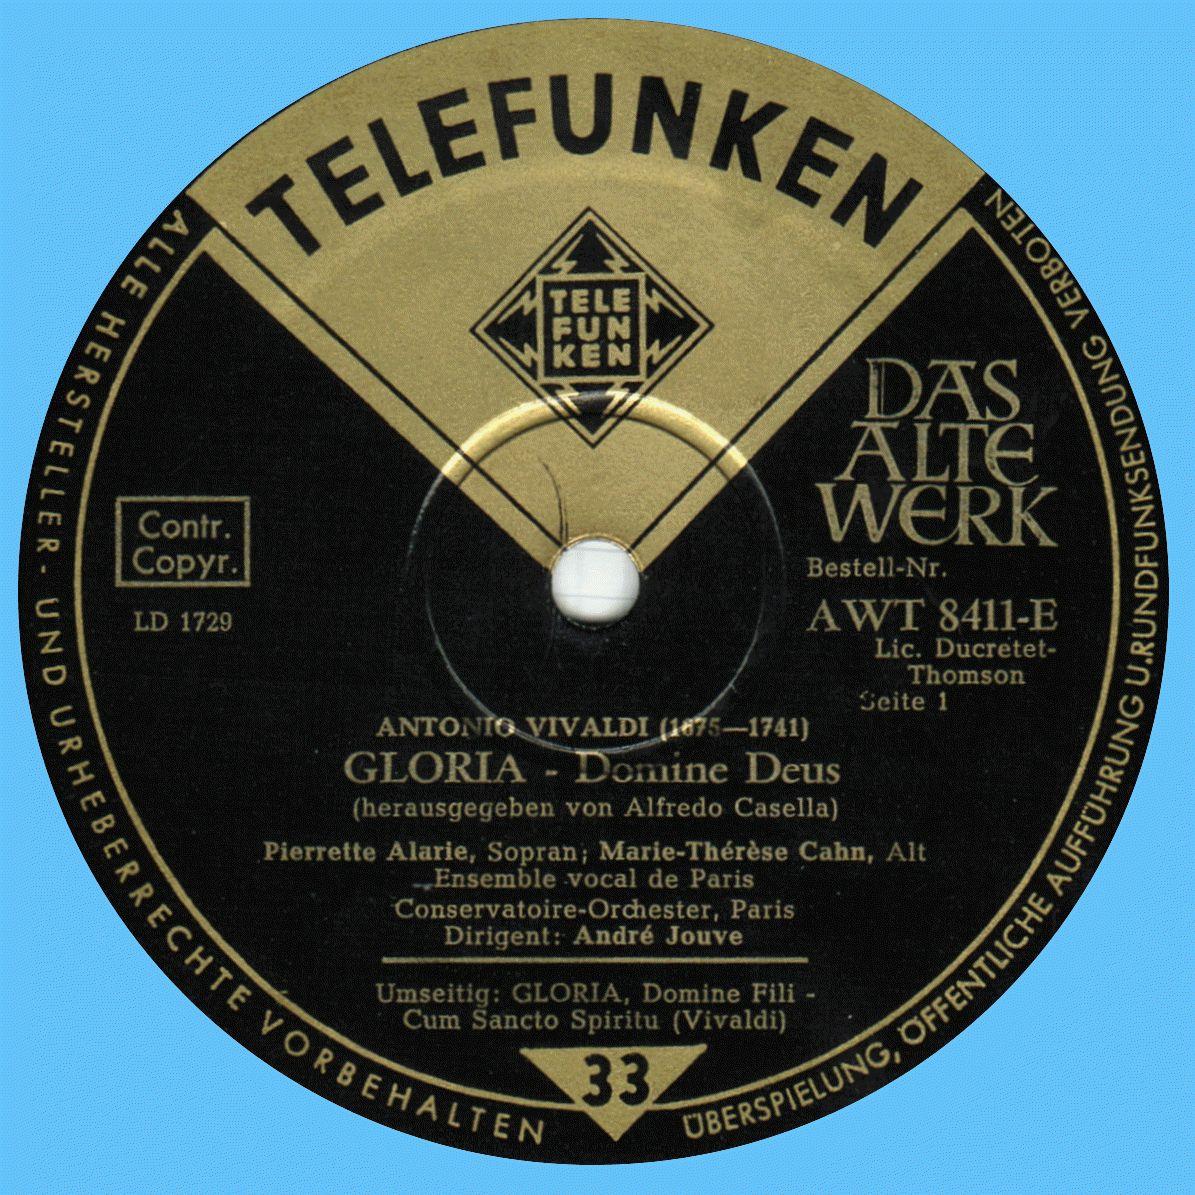 Telefunken AVT 8411 E Label 1 64C2FC